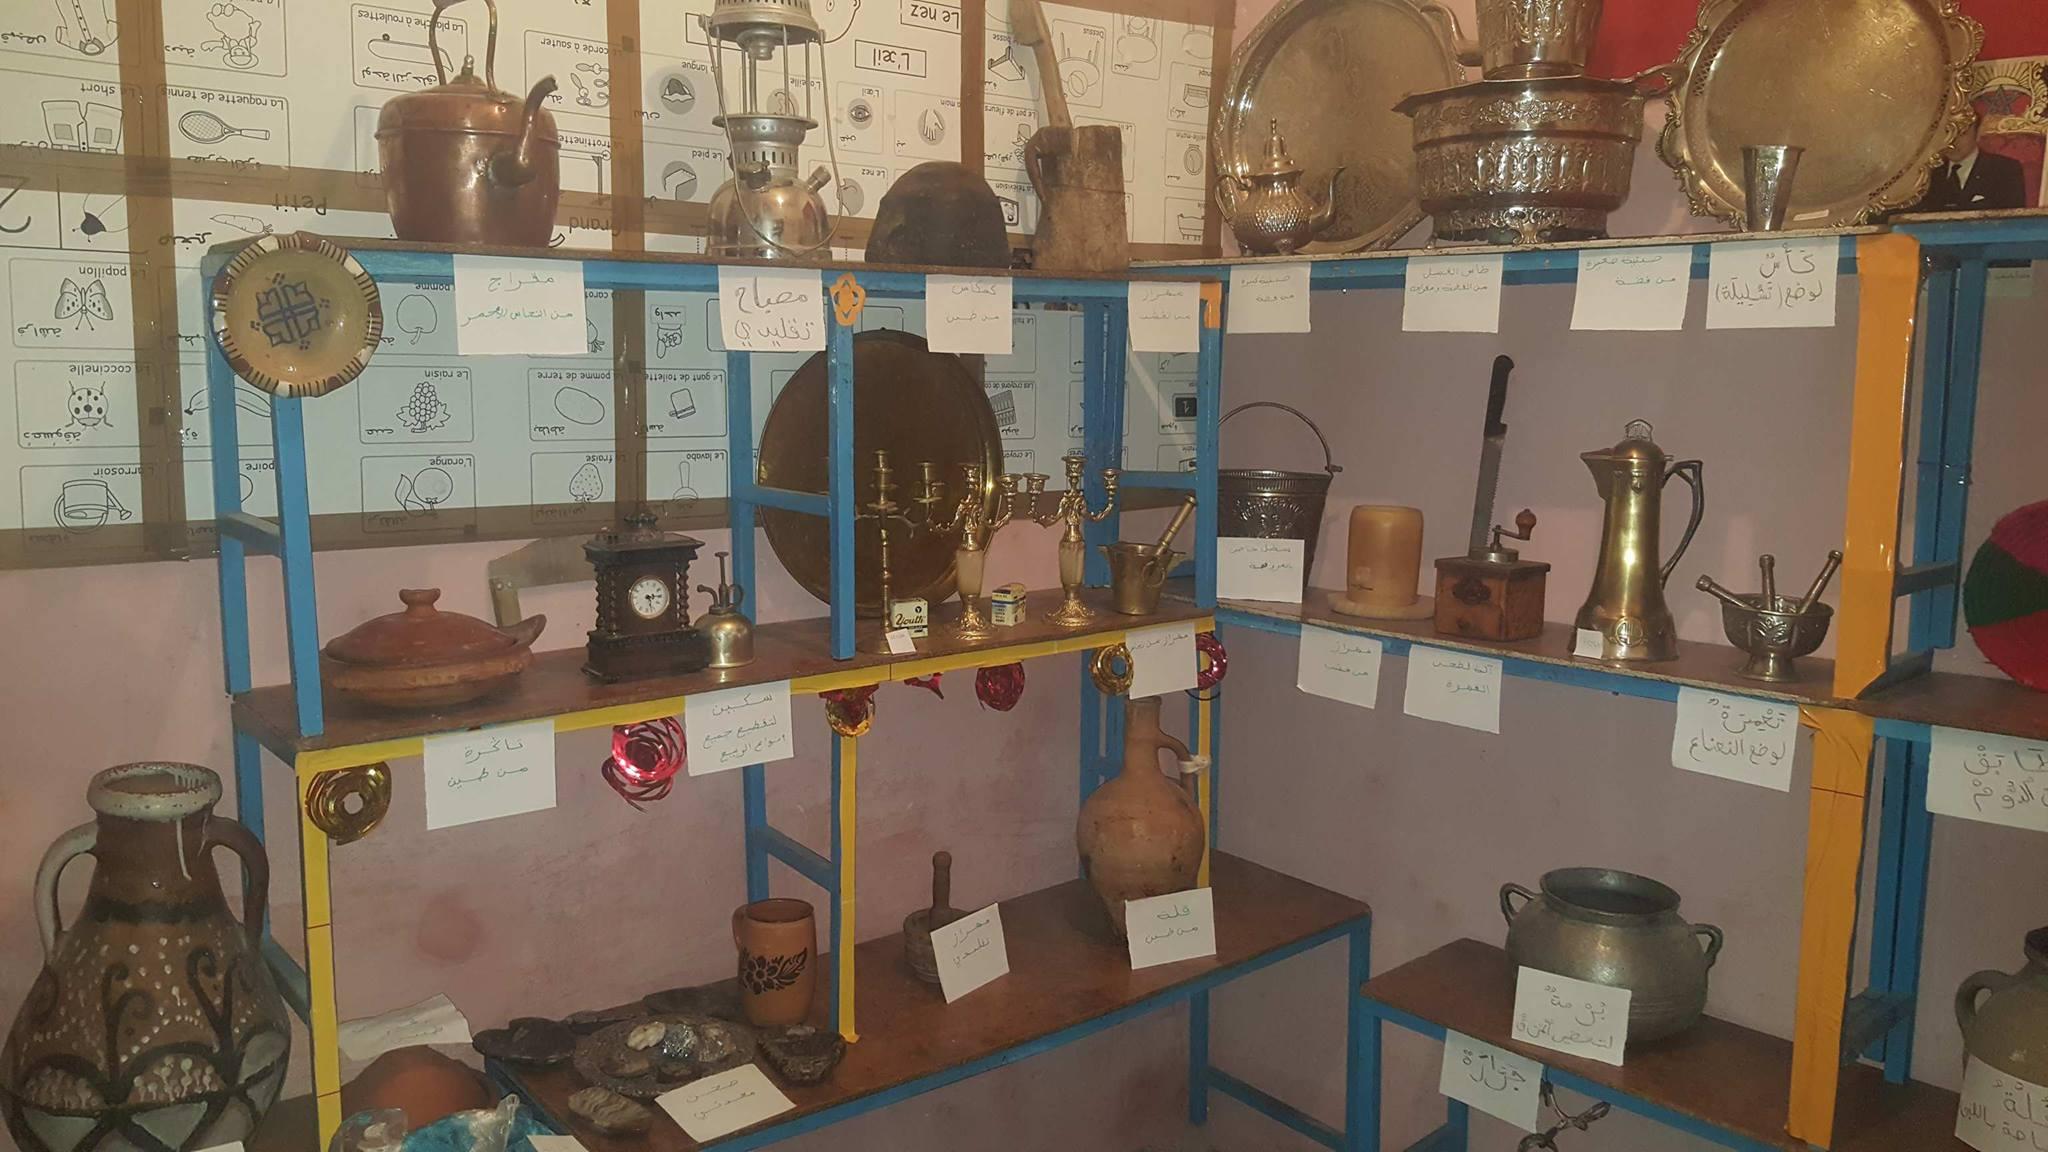 المعرض الخاص بالثقافة والتراث بروض الصفاء بحي ميملال بميدلت